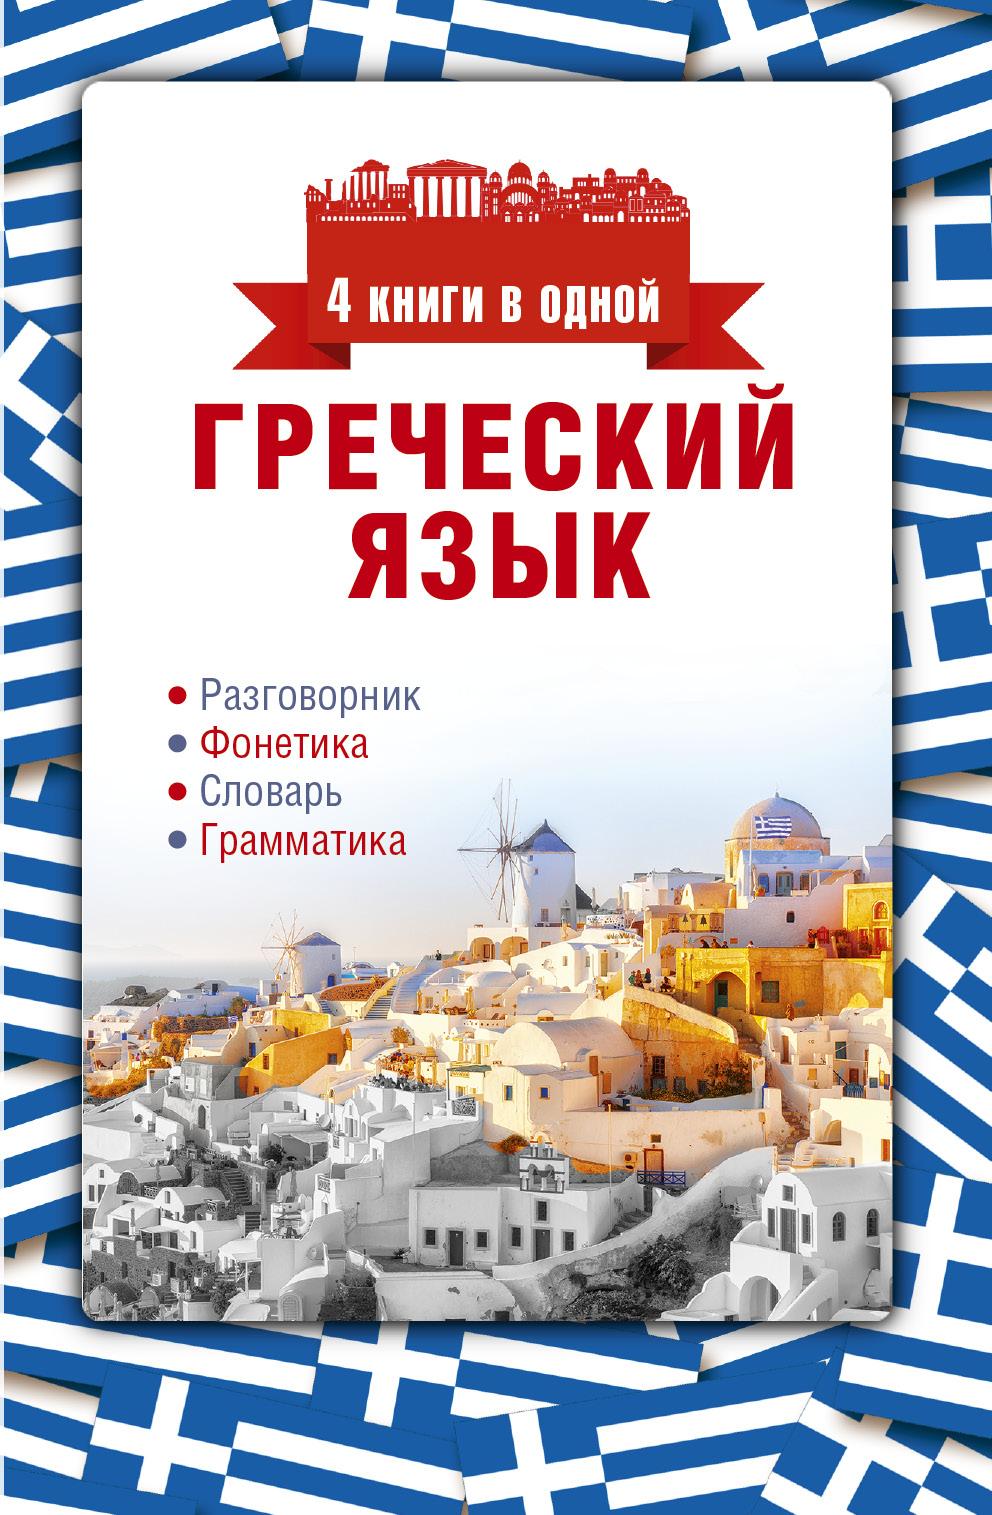 Греческий язык. 4 книги в одной: разговорник, фонетика, словарь, грамматика ( Ермак И.А.  )